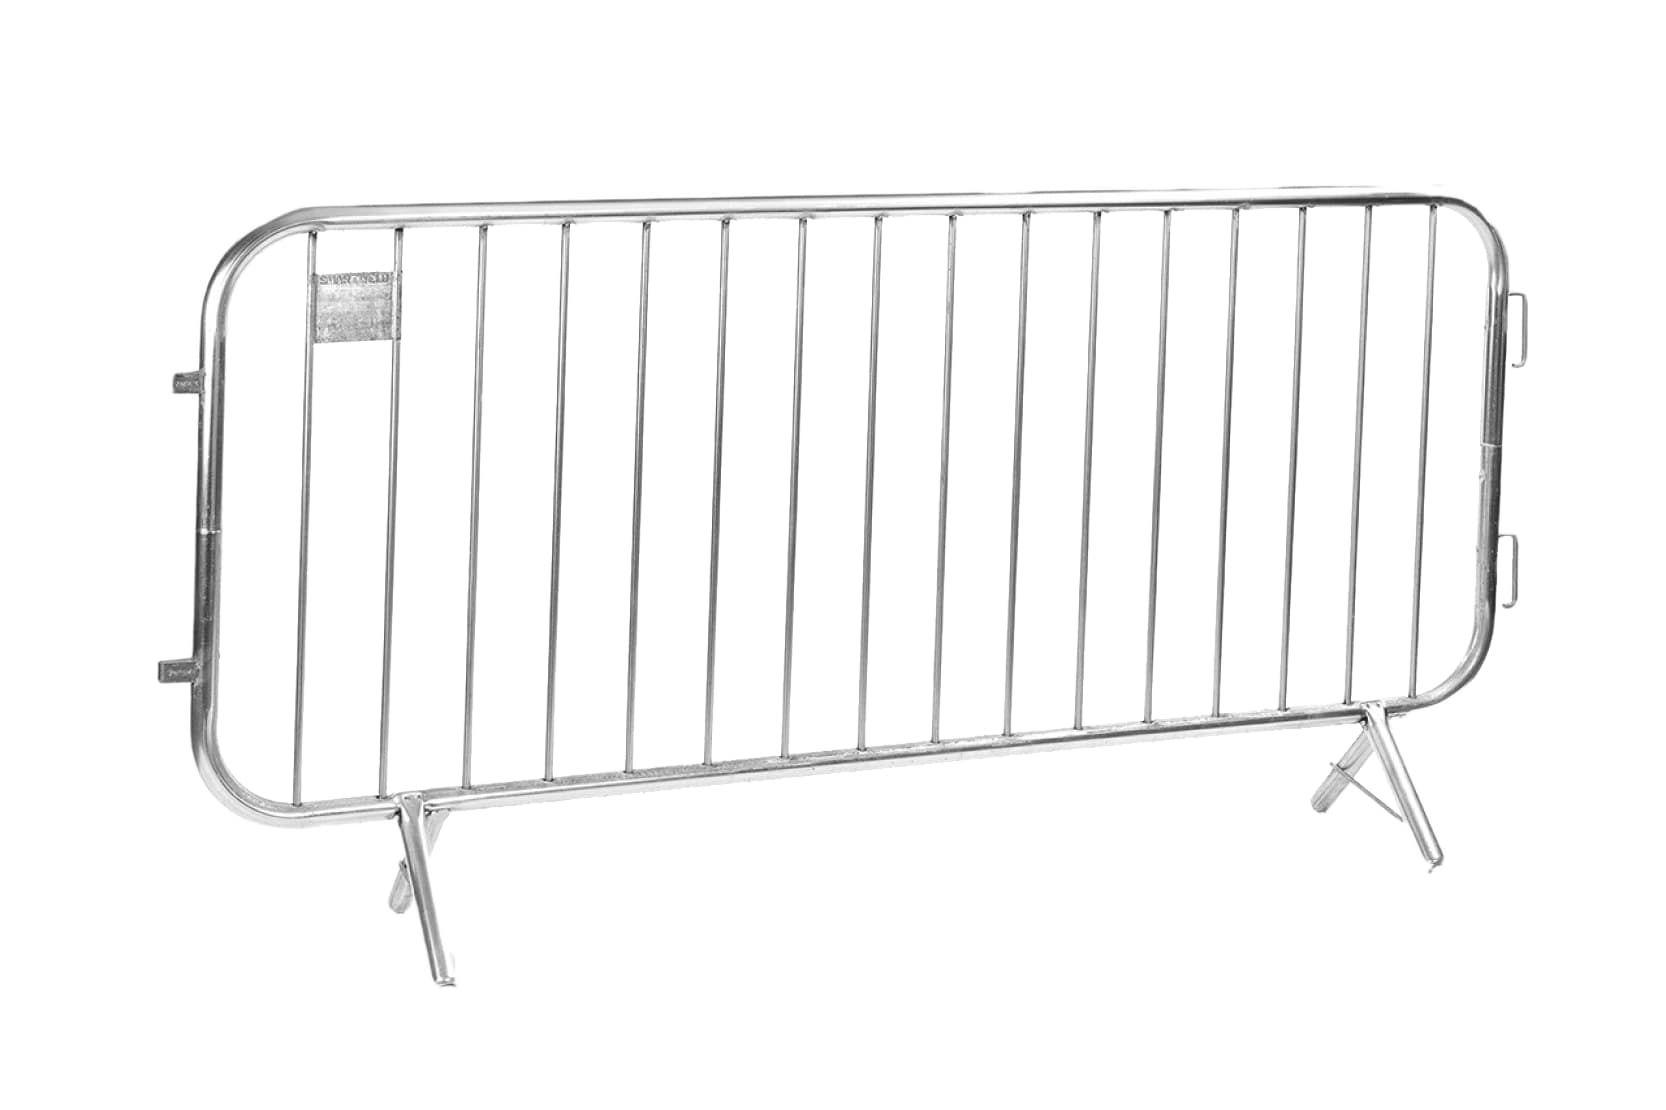 Fan barriers